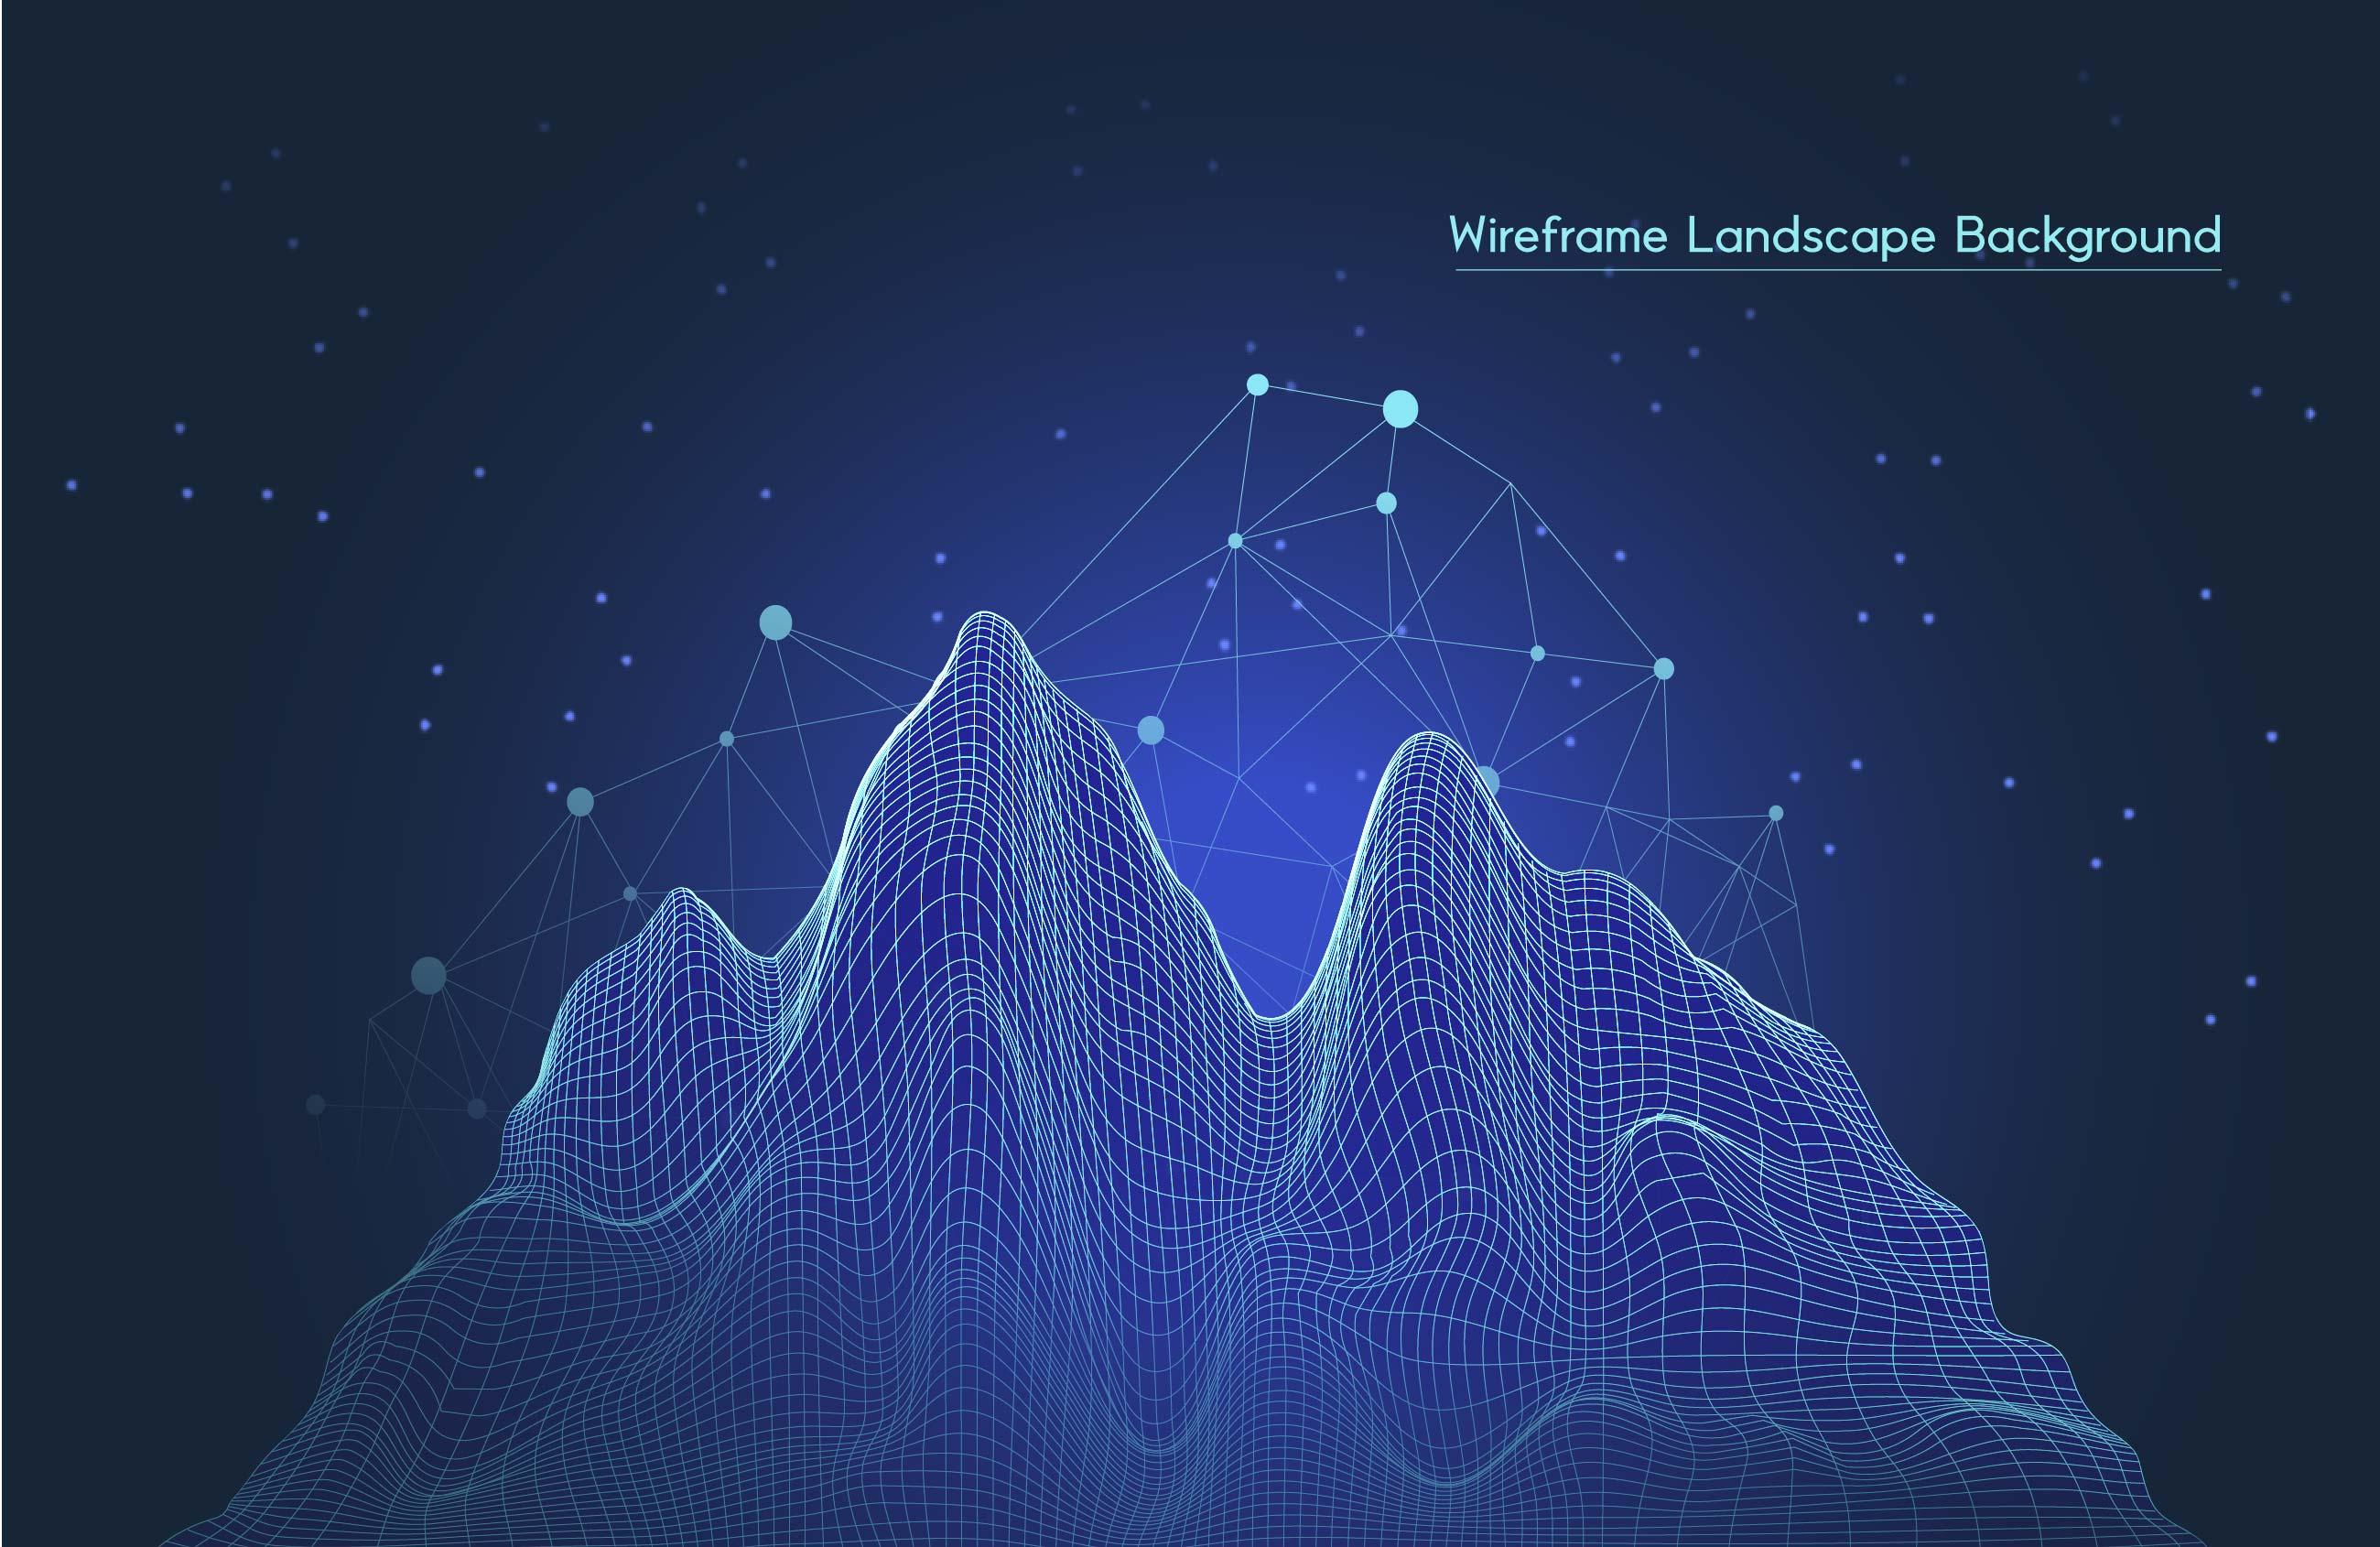 [单独购买] 9款未来科幻网络科技互联网大数据背景AI矢量素材 Big Data Vector Background插图6